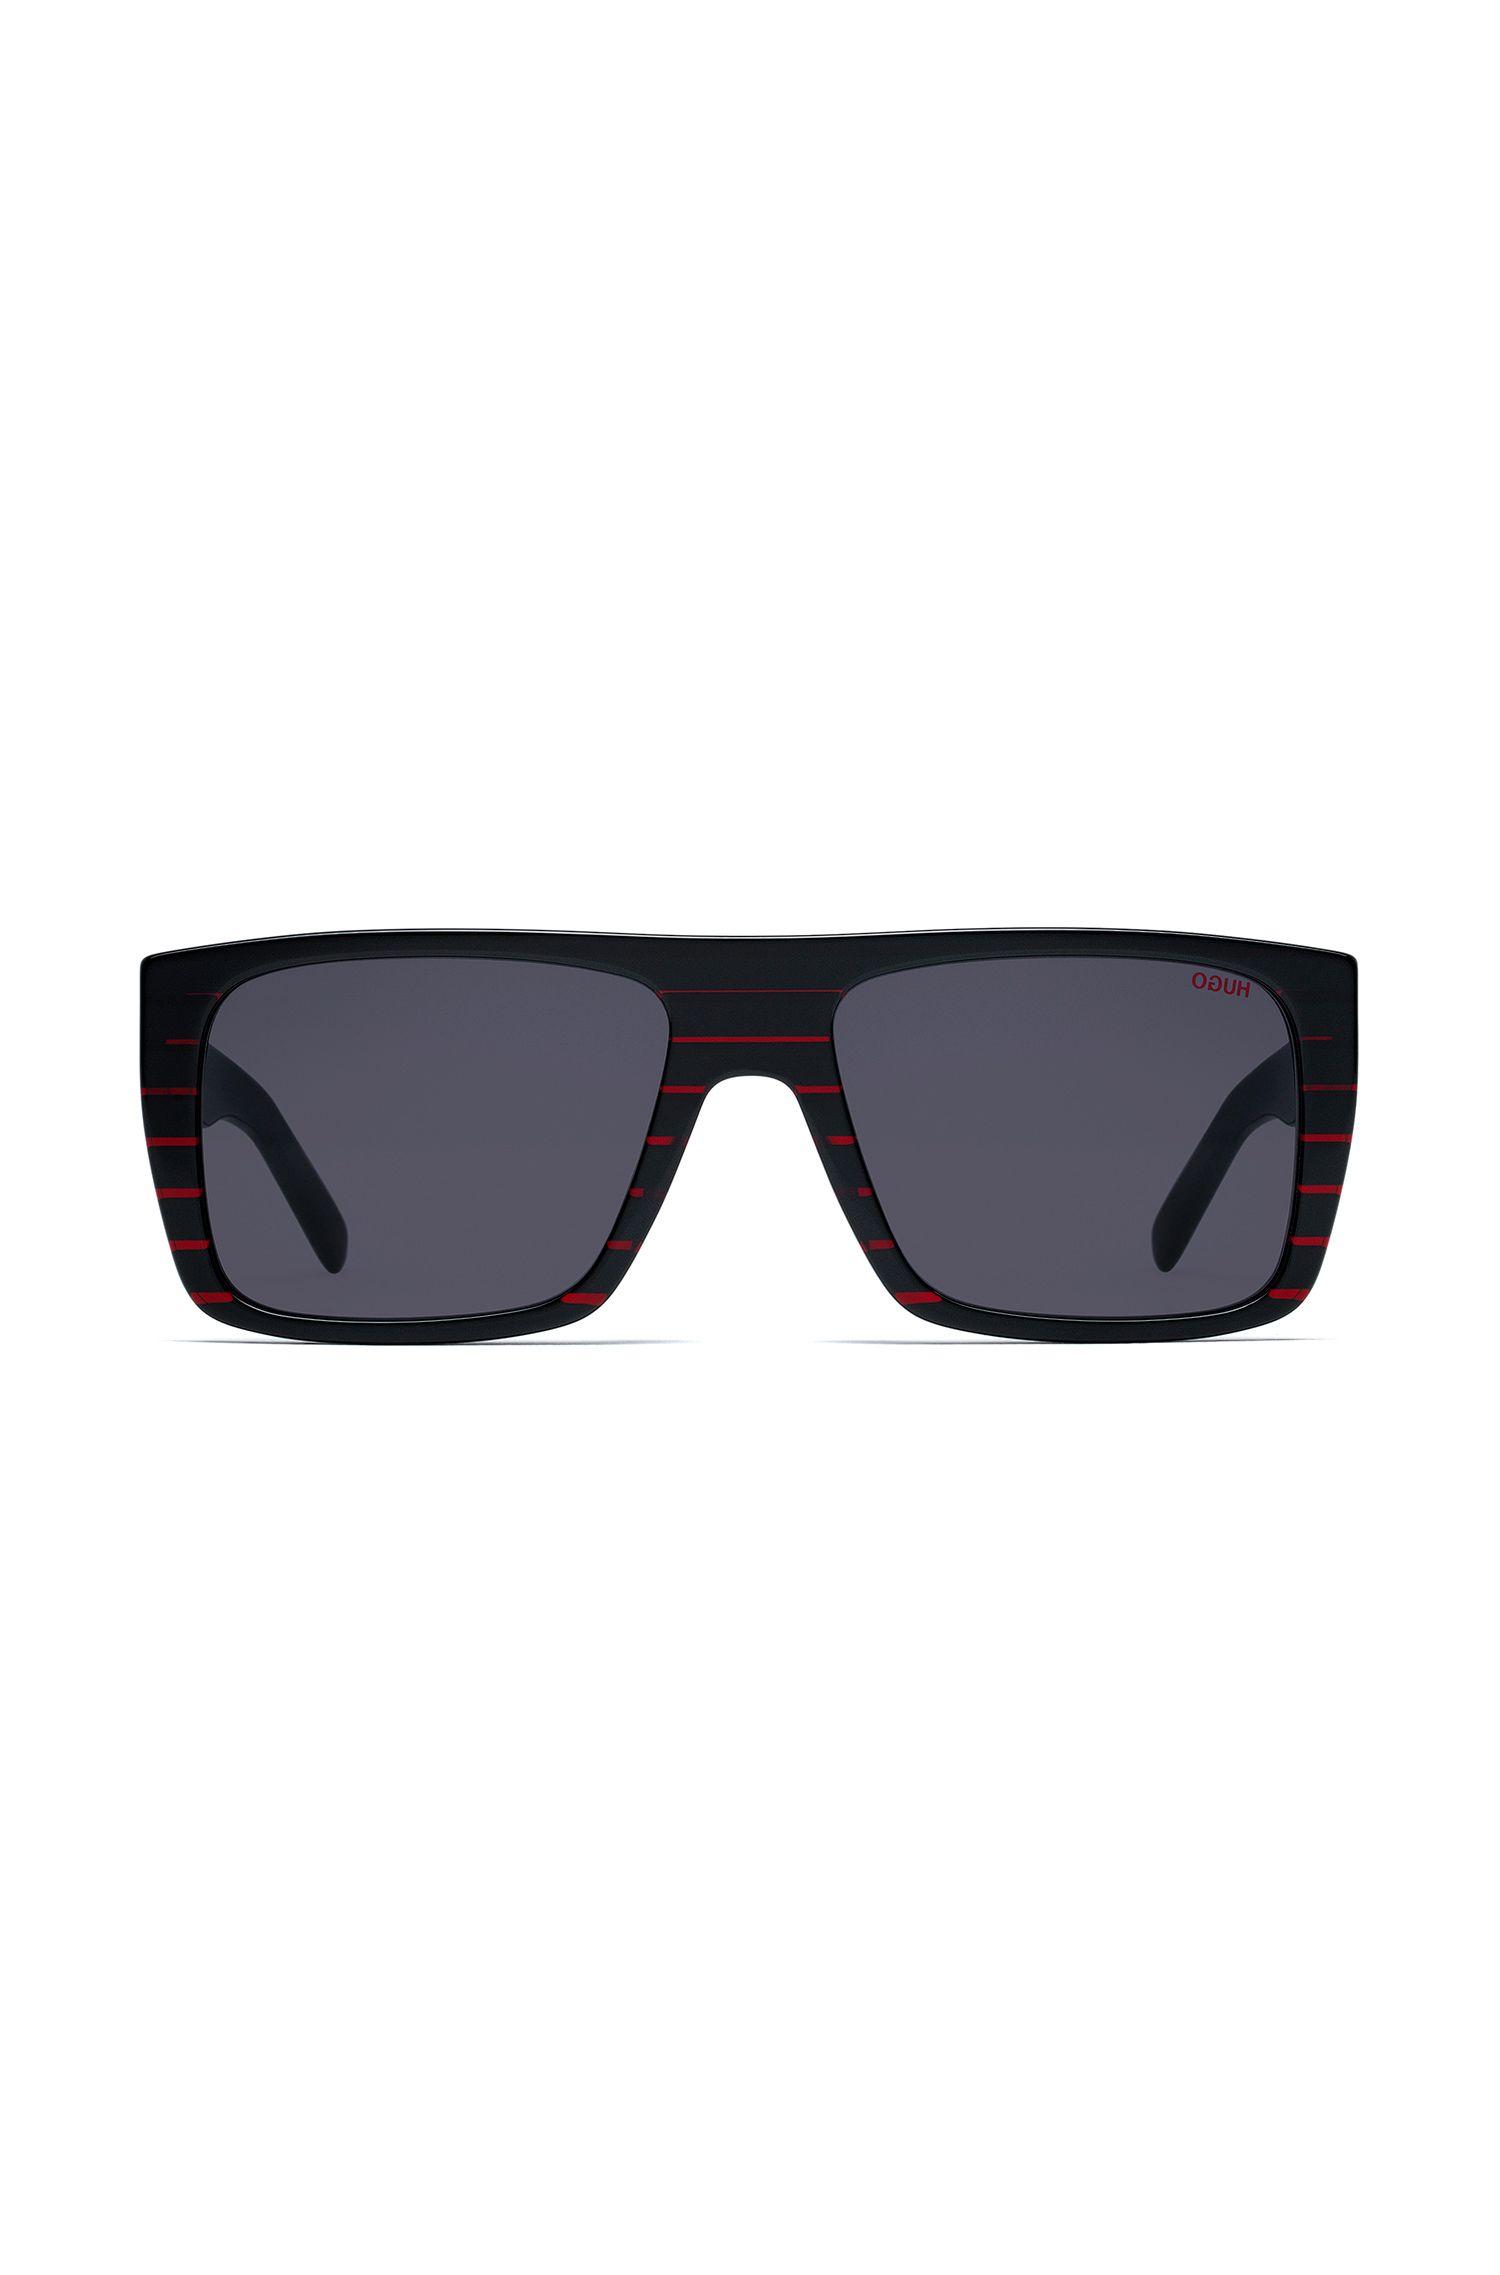 Eckige Sonnenbrille aus schwarzem Acetat mit roten Streifen, Schwarz